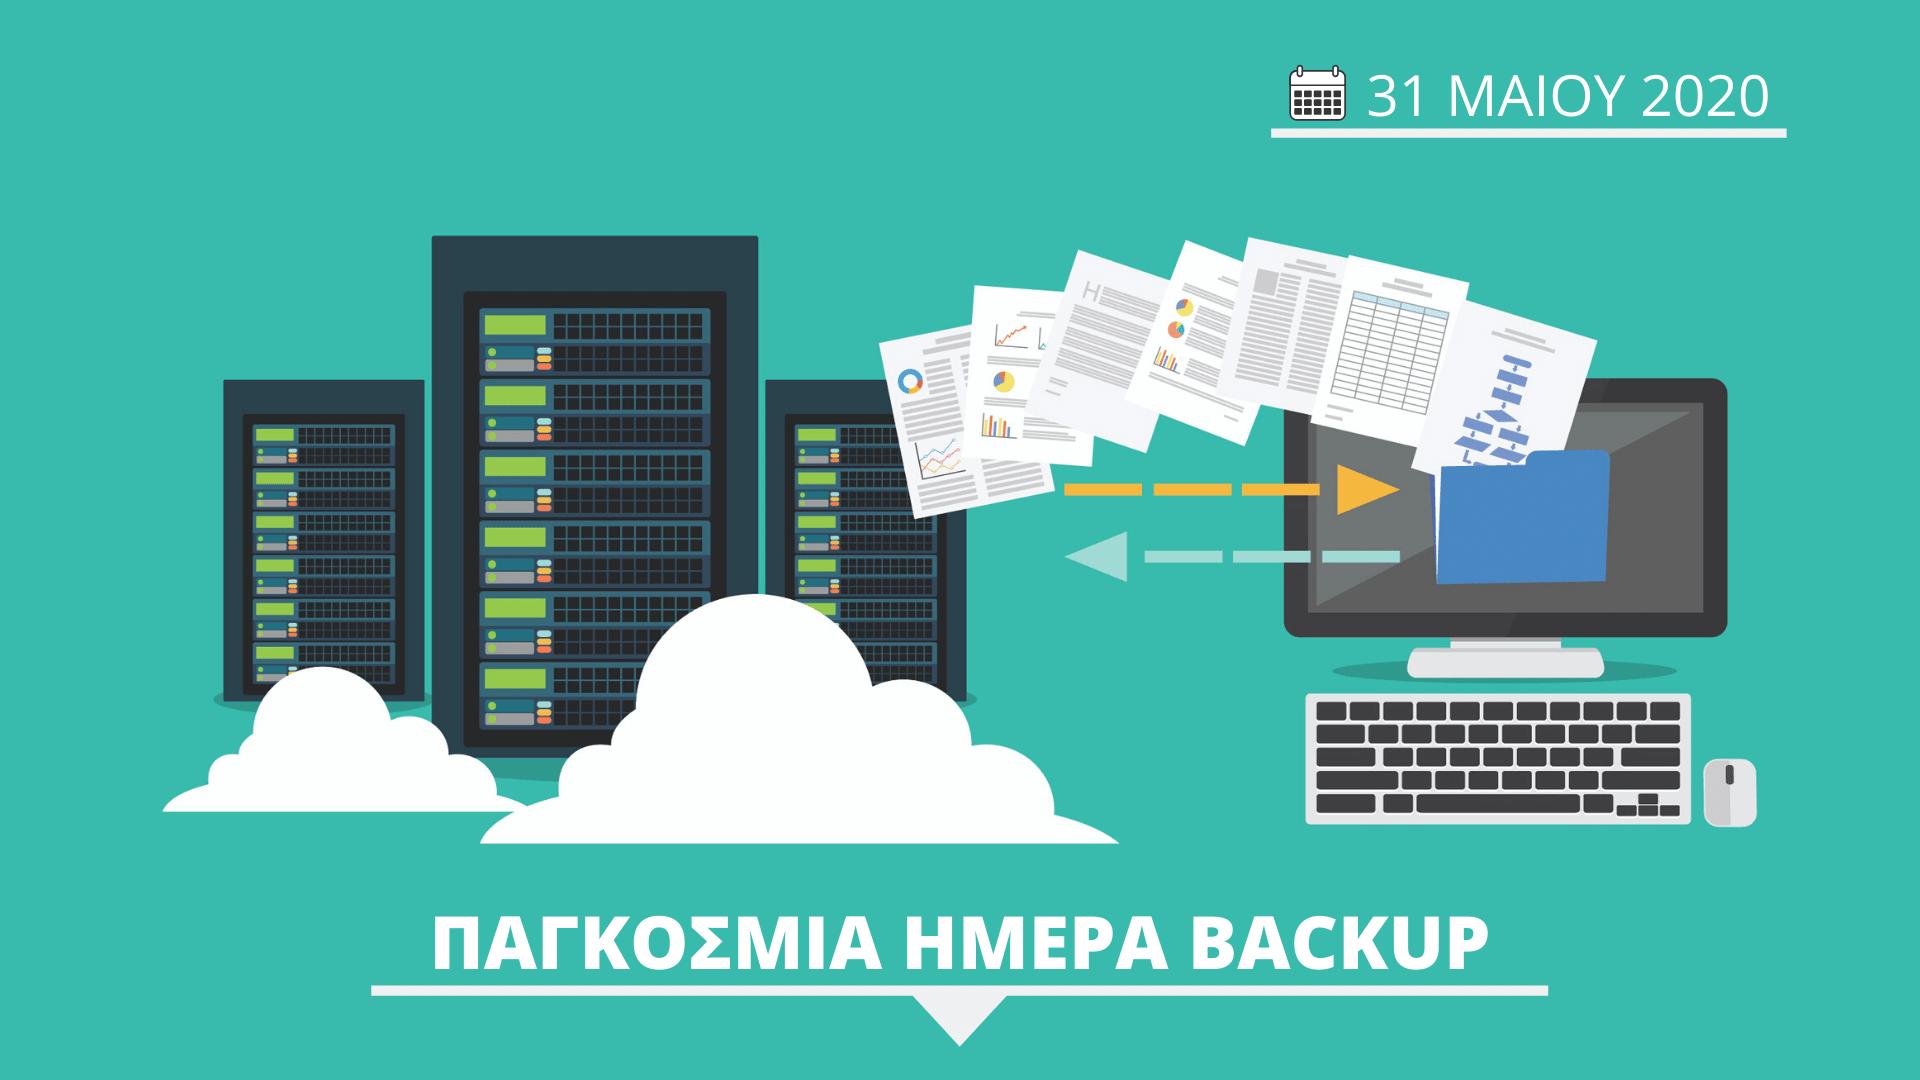 Ασφαλής μεταφορά αρχείων